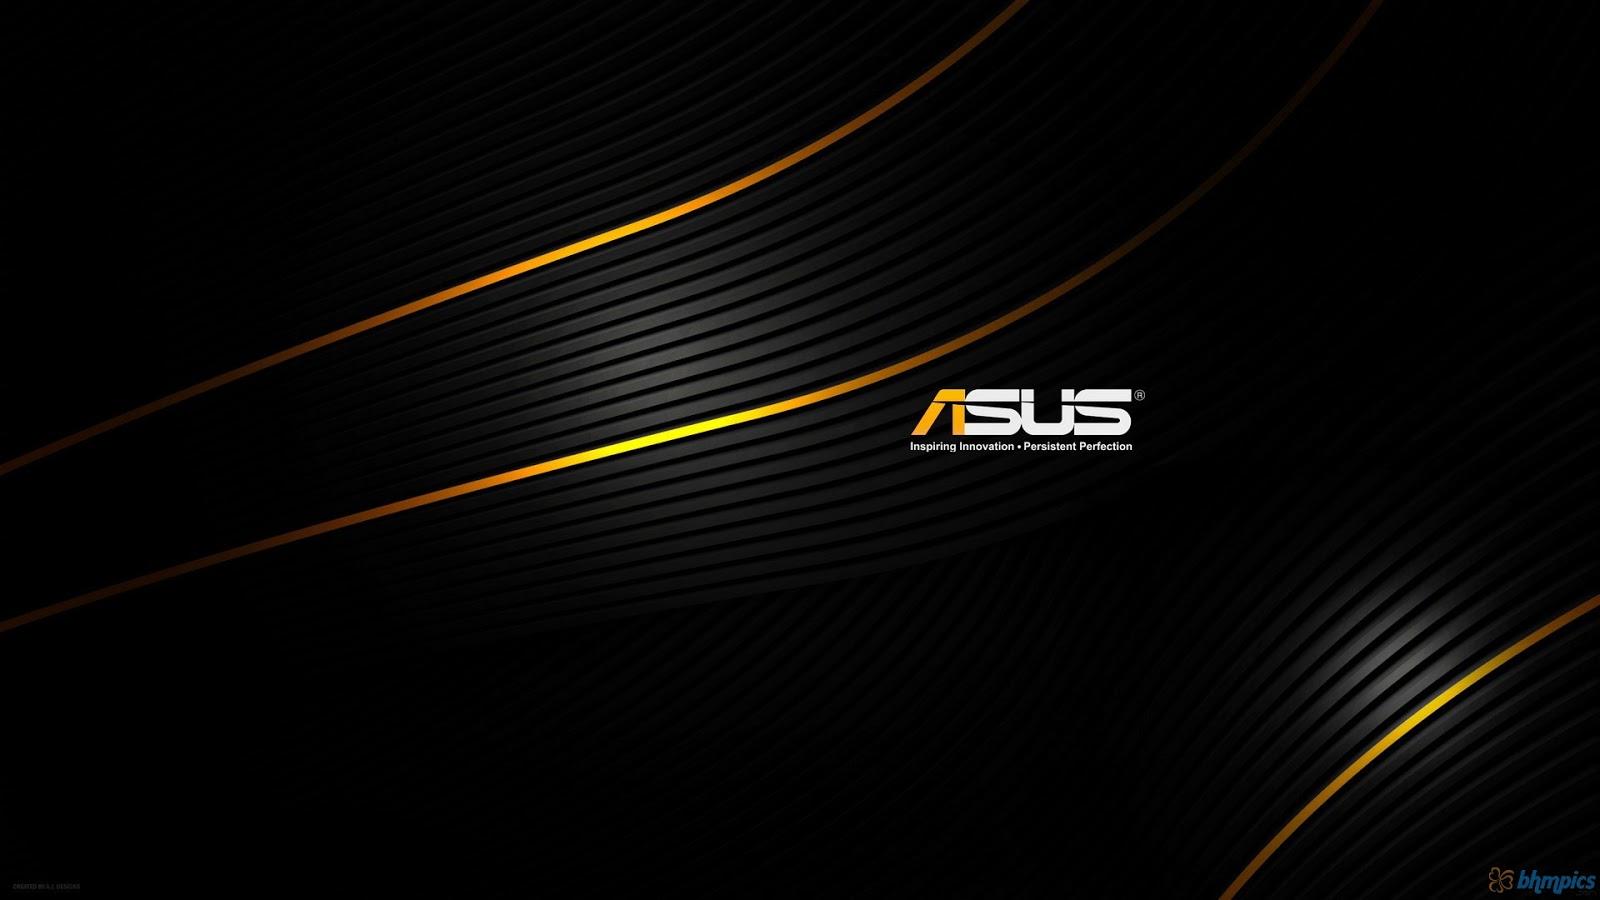 Harga Laptop Asus April 2013 Terbaru